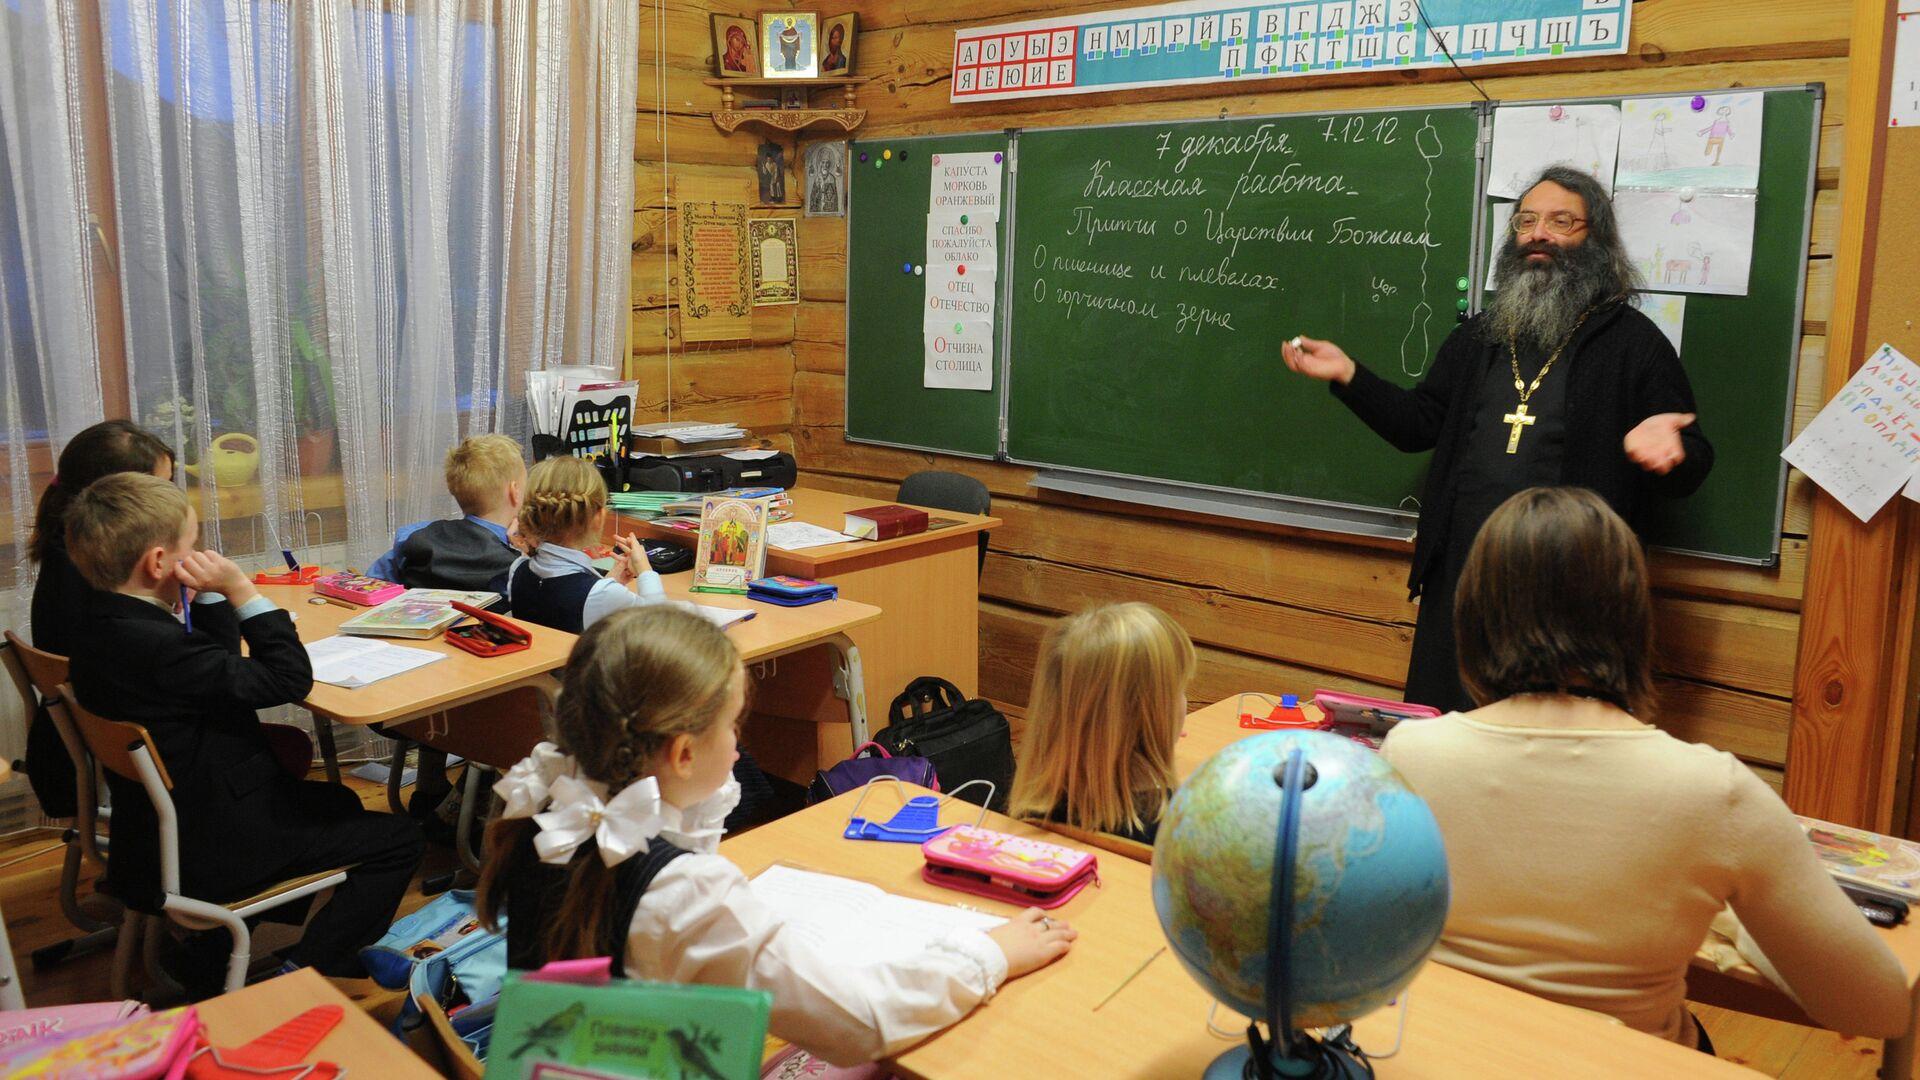 Троицкая Православная школа - РИА Новости, 1920, 22.01.2021